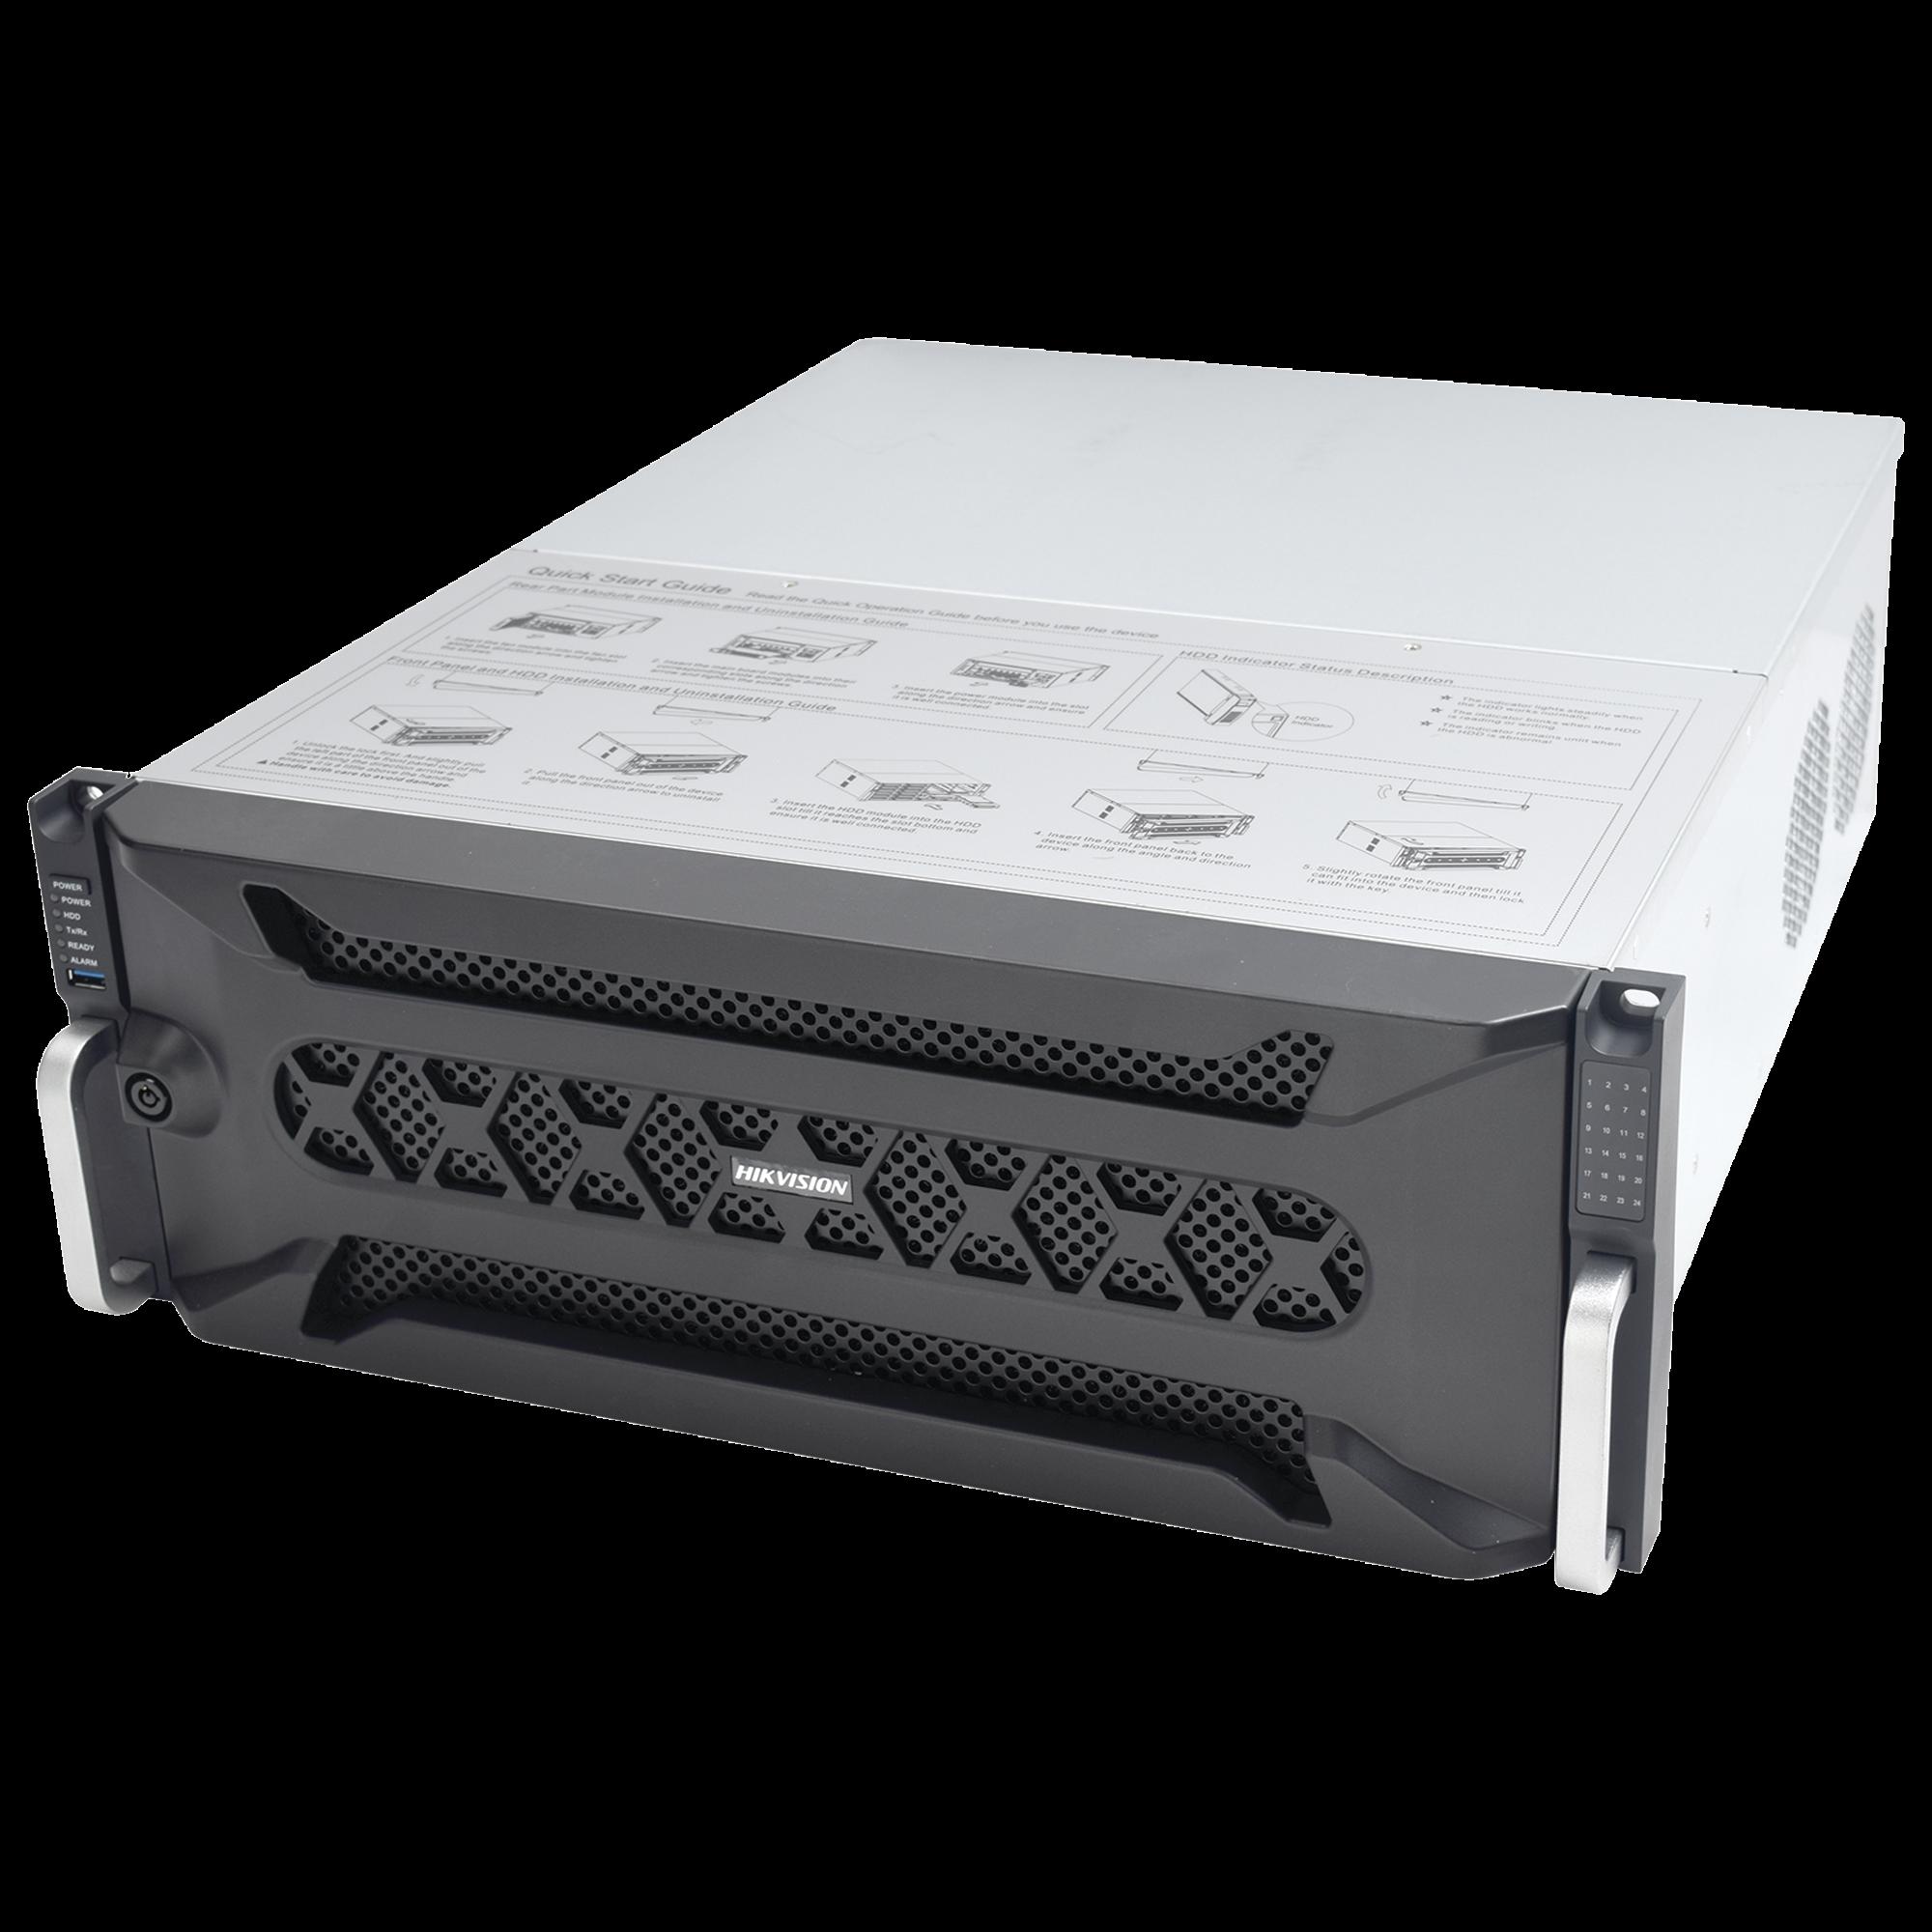 NVR 12 Megapixel (4K) / 128 canales IP / 24 Bahías de Disco Duro / 4 Puertos de Red / Soporta RAID con Hot Swap / NVR de Alto Desempeño